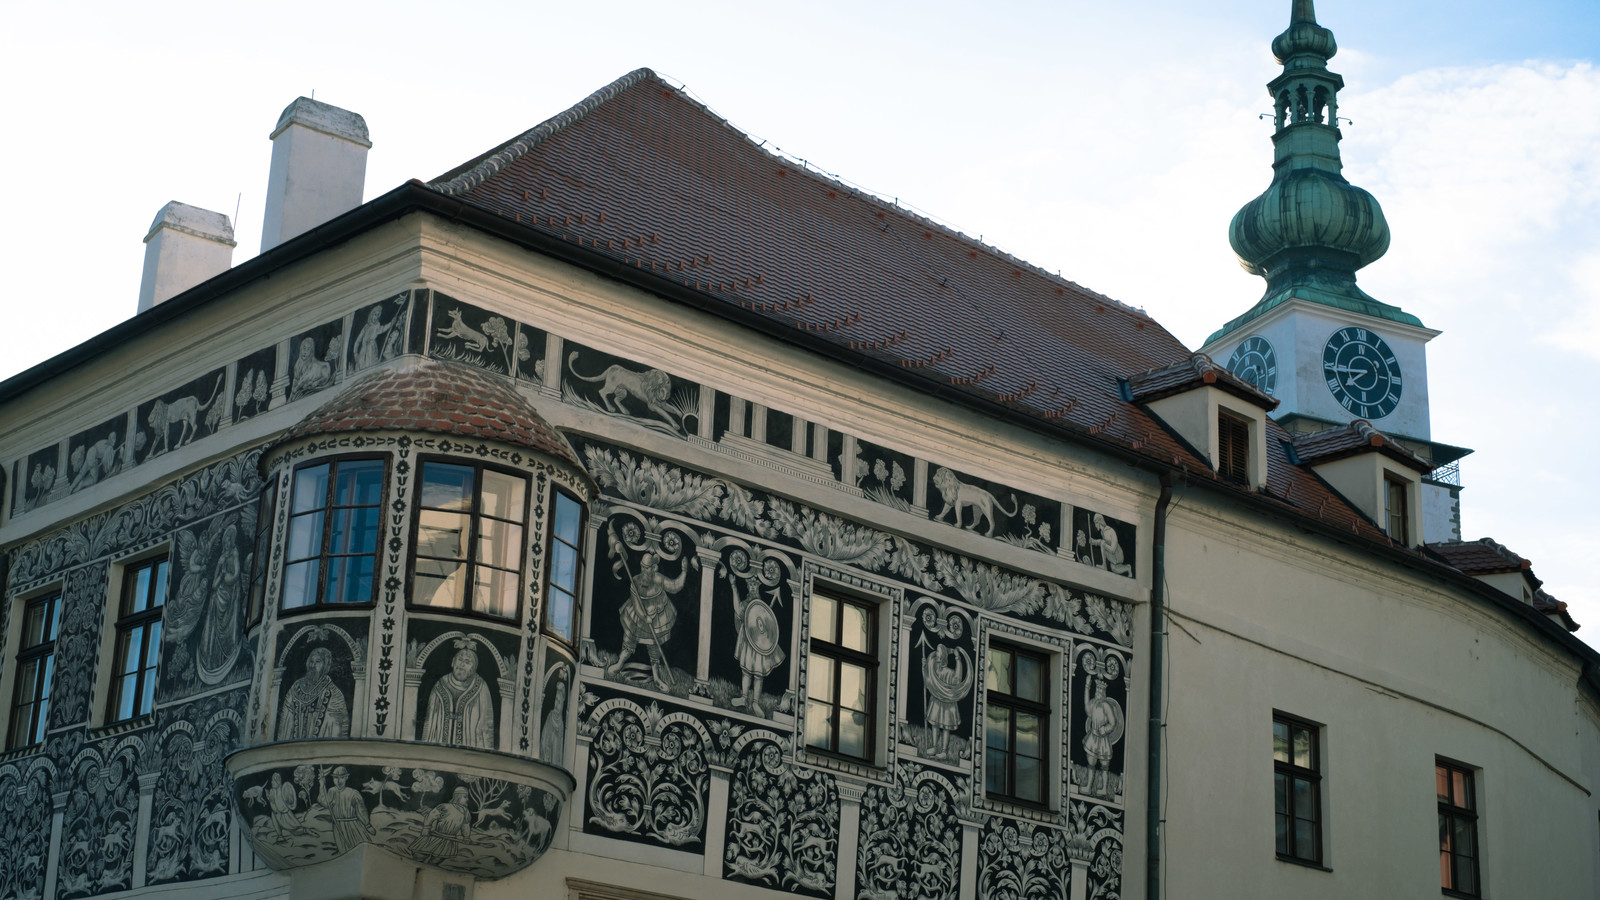 「壁に絵が描かれたペイントハウス(トルシェビーチ市)」の写真